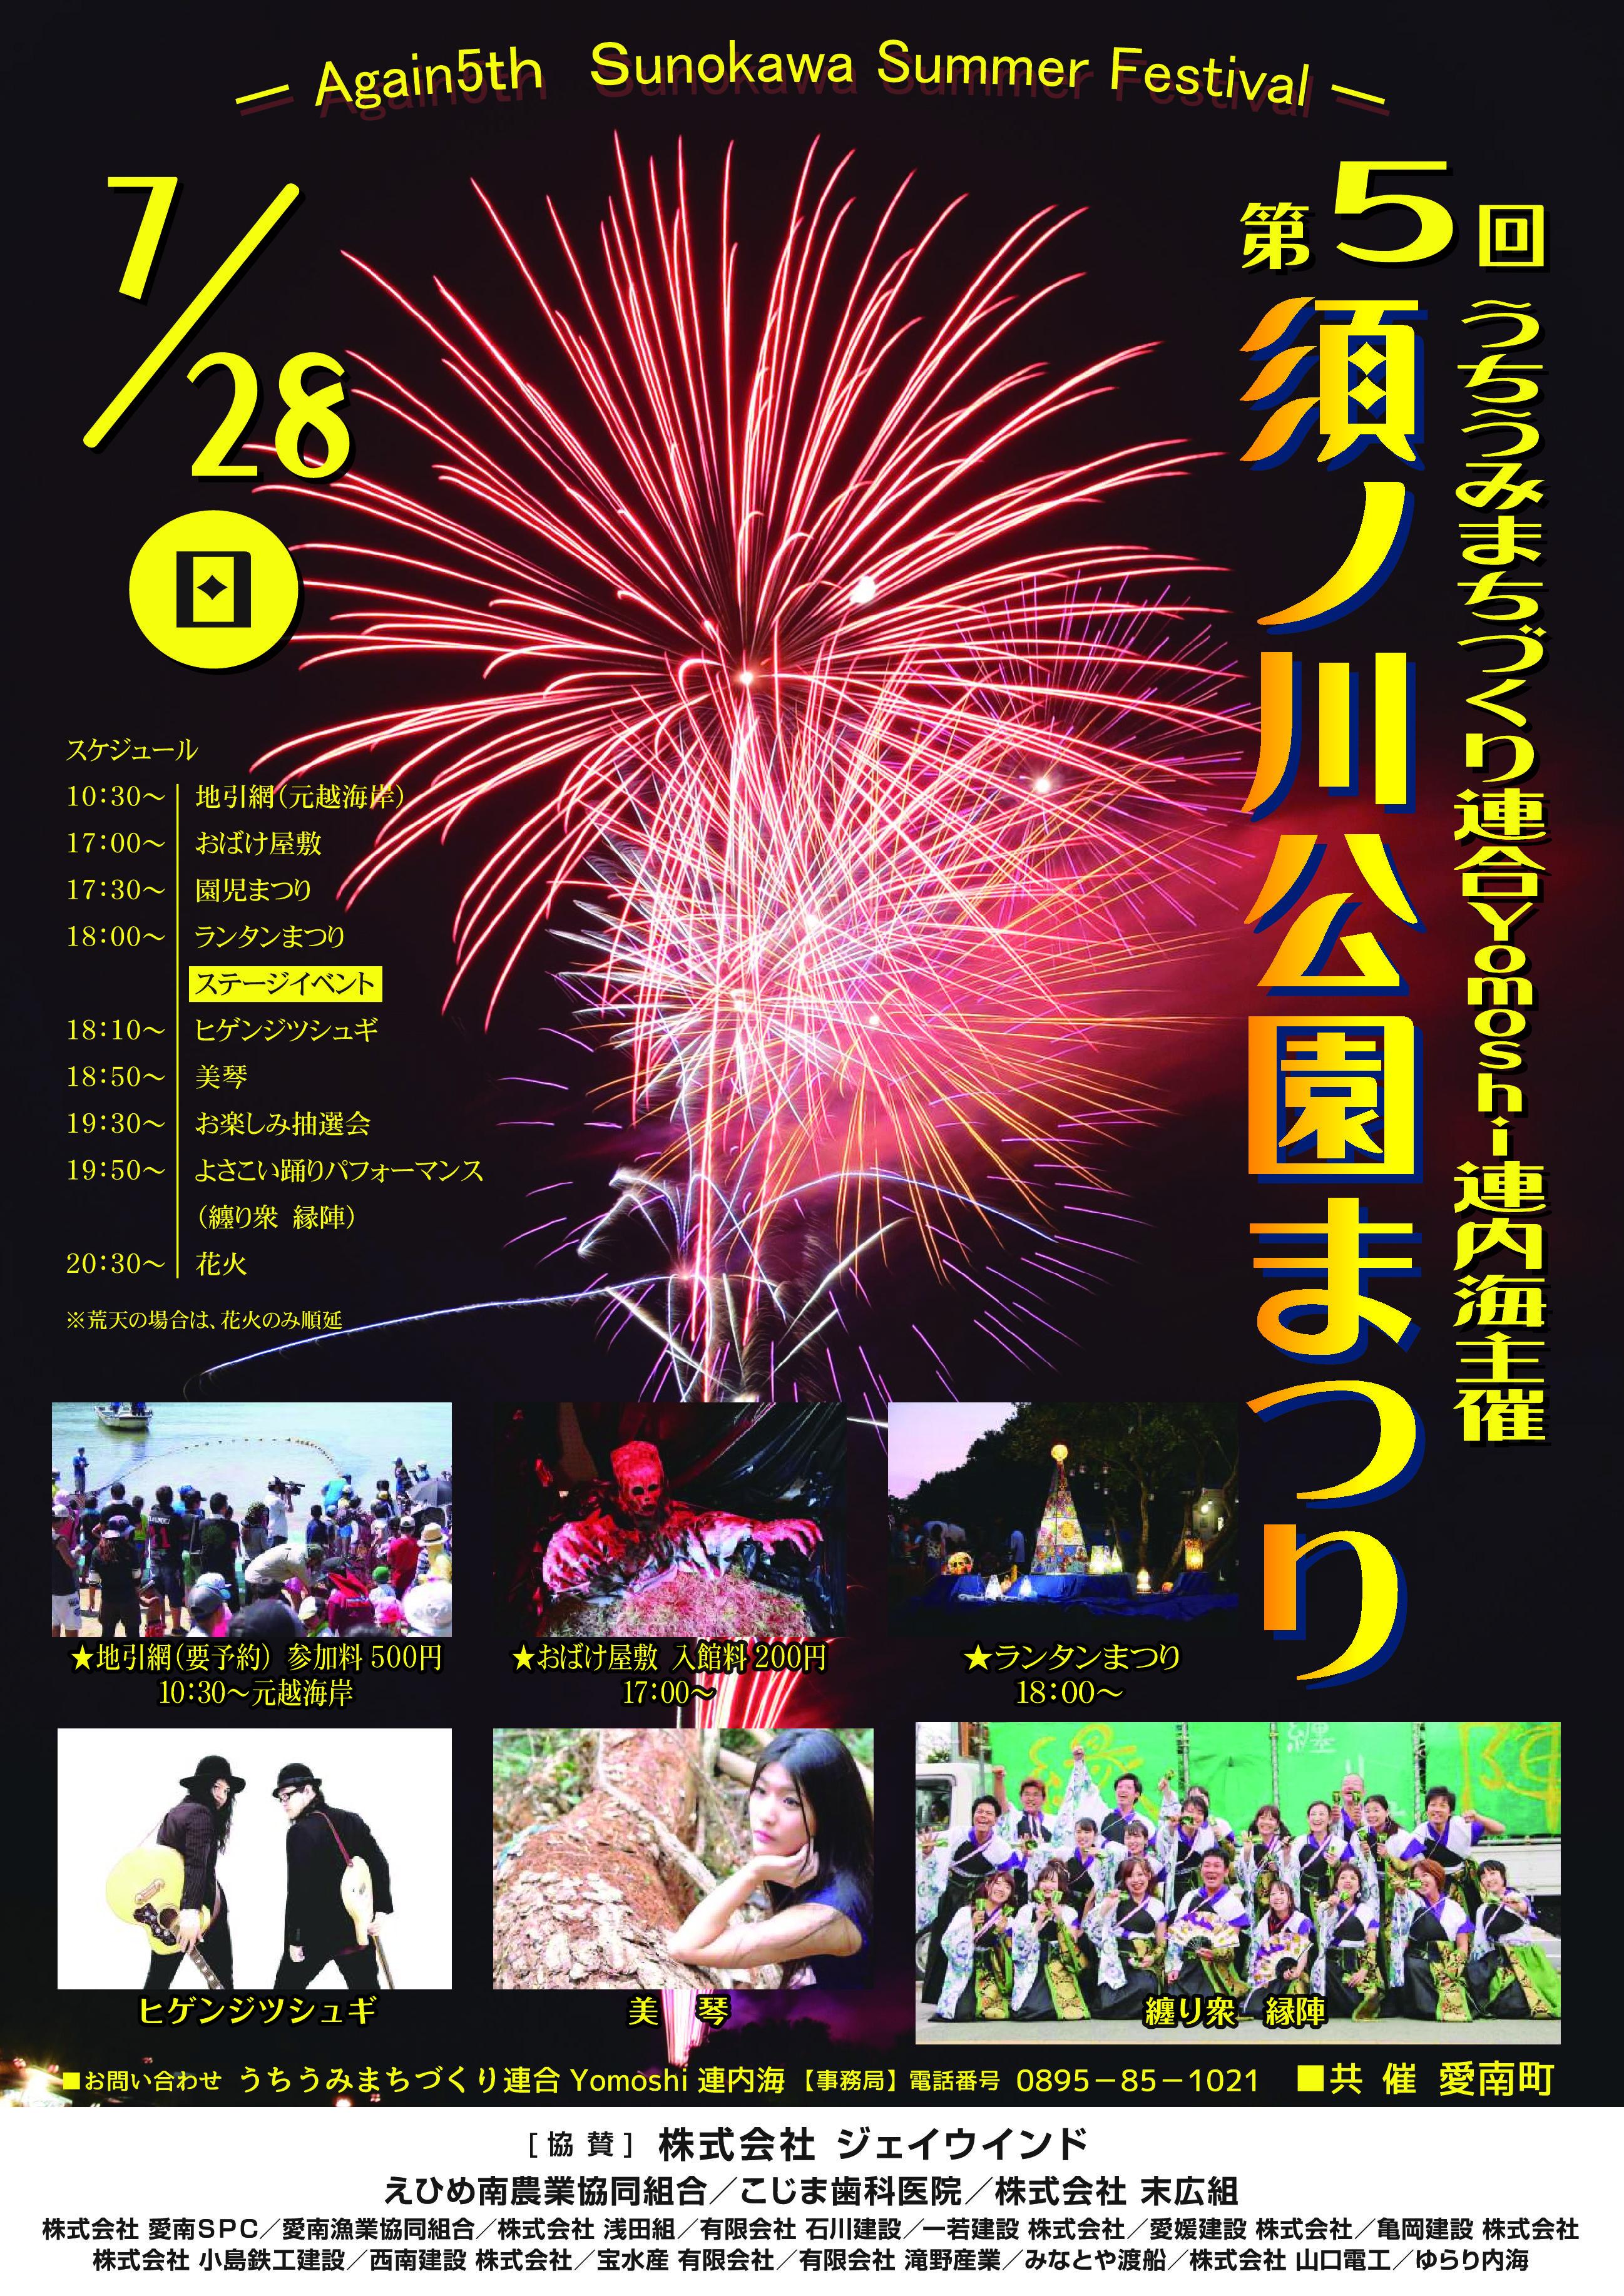 須ノ川公園まつり|♪ 南予の夏祭り・花火 情報 ♪